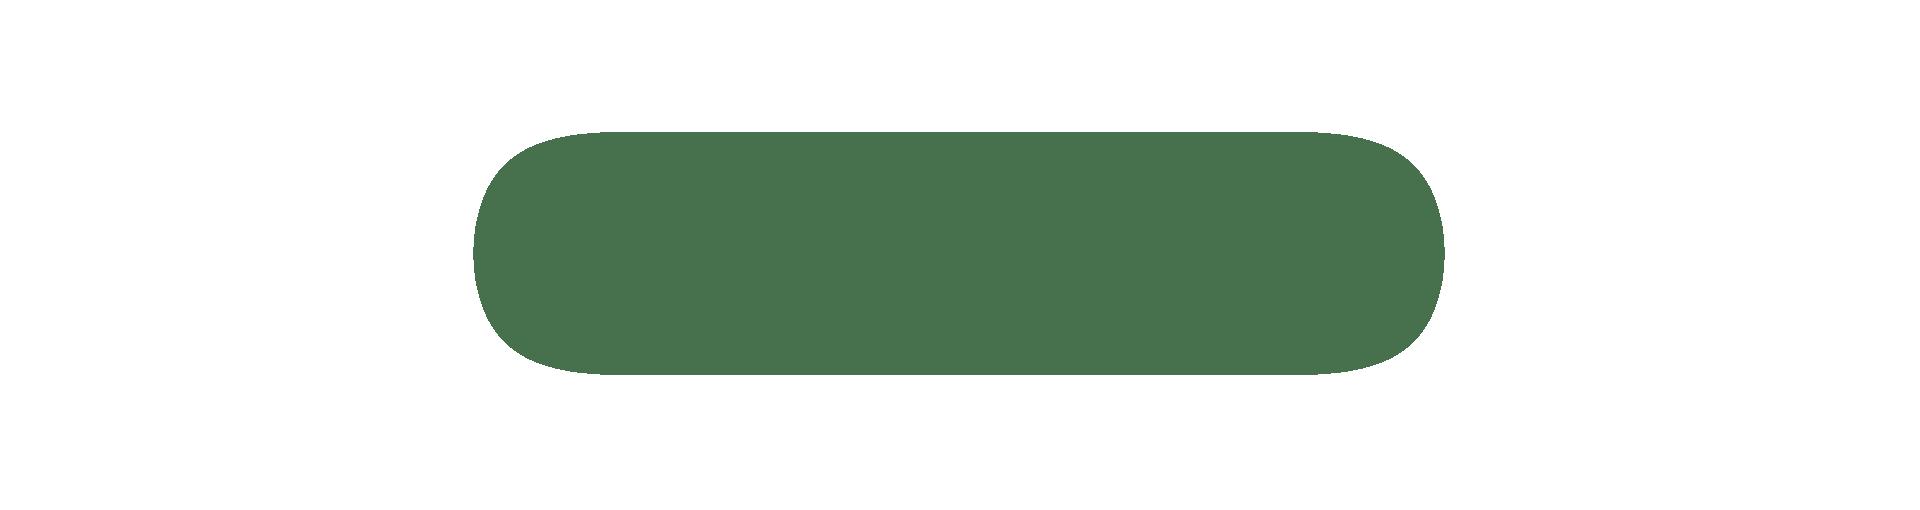 image1-pattern